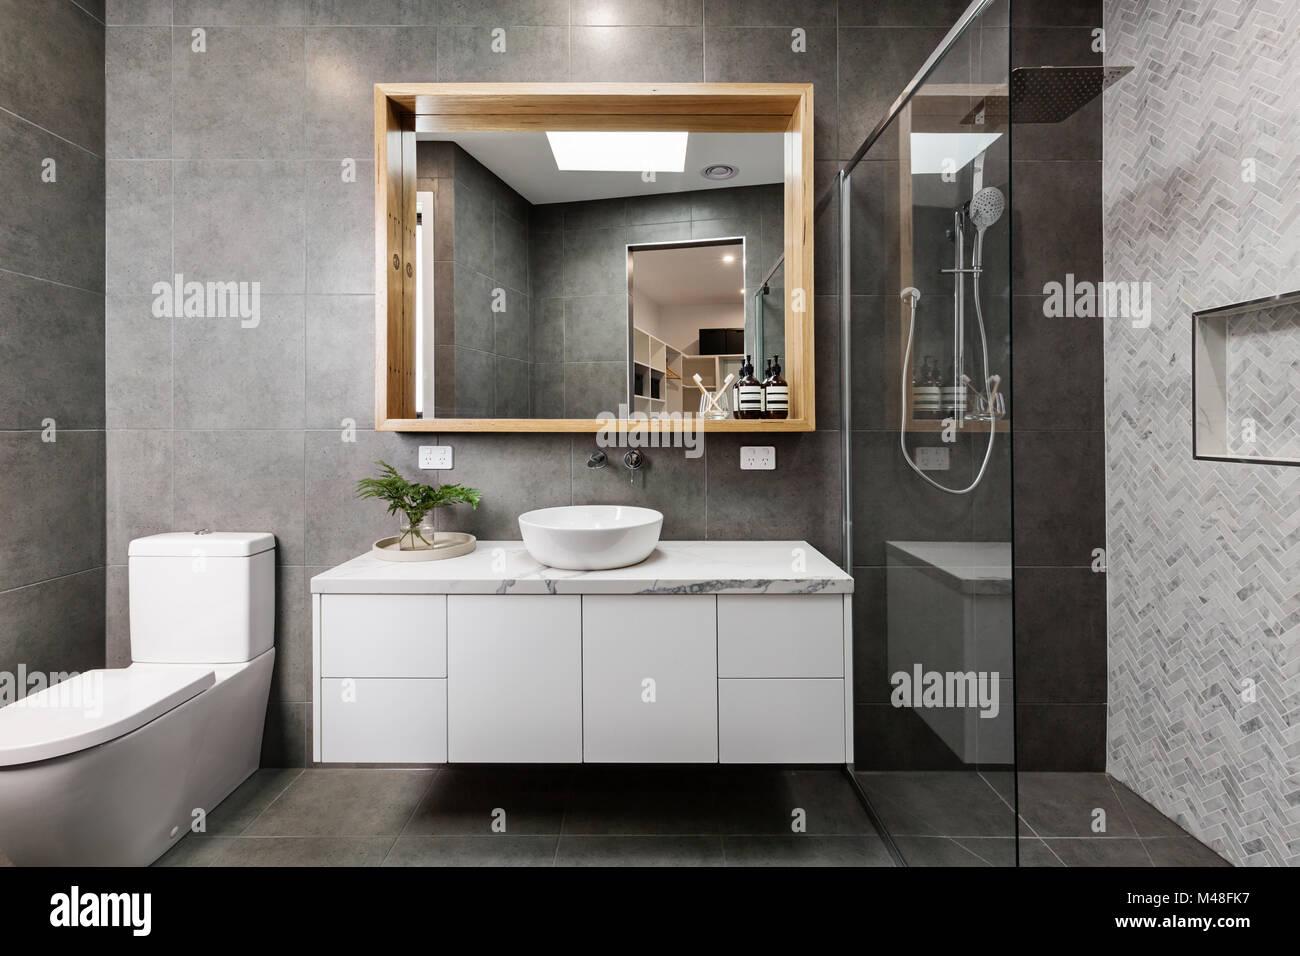 fliesen design badezimmer fliesen design badezimmer bad fliesen design badezimmer wandund. Black Bedroom Furniture Sets. Home Design Ideas